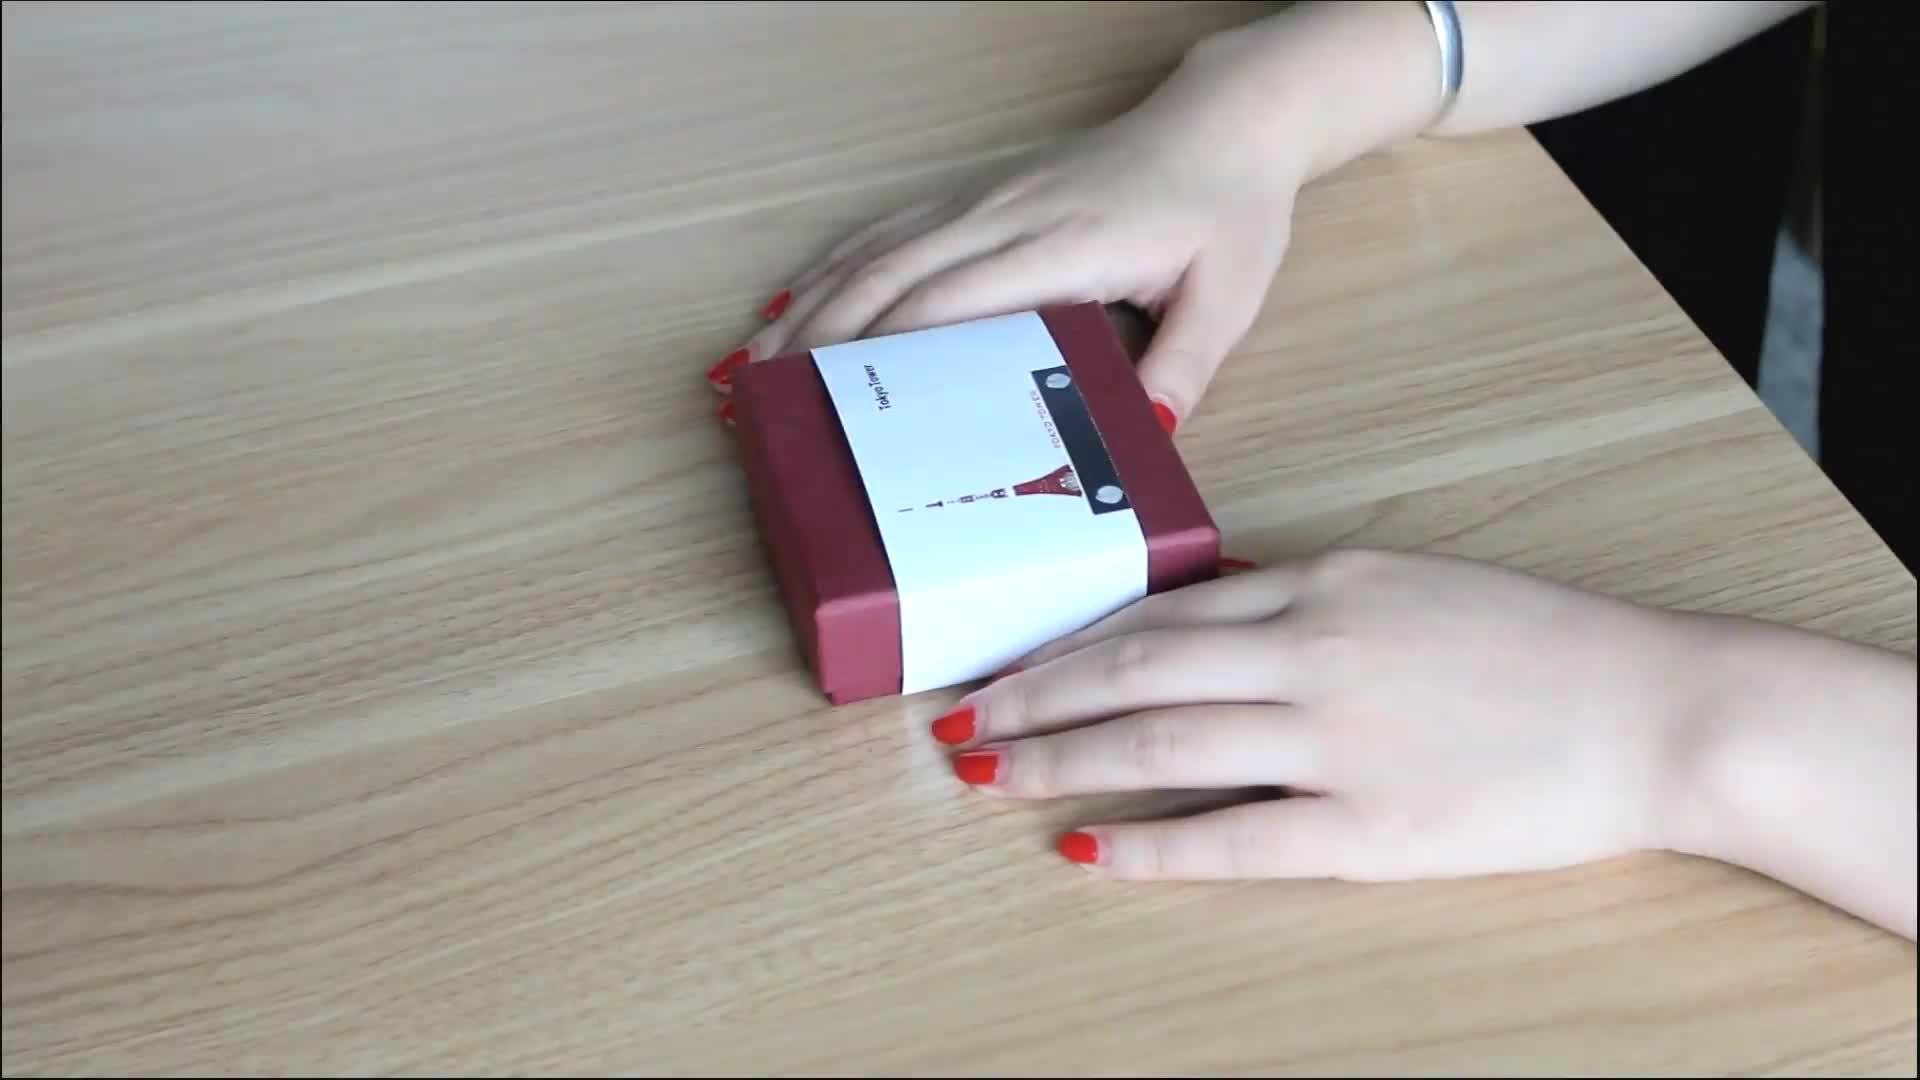 โรงงานที่กำหนดเองโรงเรียนเครื่องเขียน Eco กระดาษพิมพ์รูปที่แตกต่างกัน die cut sticky notes น่ารัก 3D memo pad